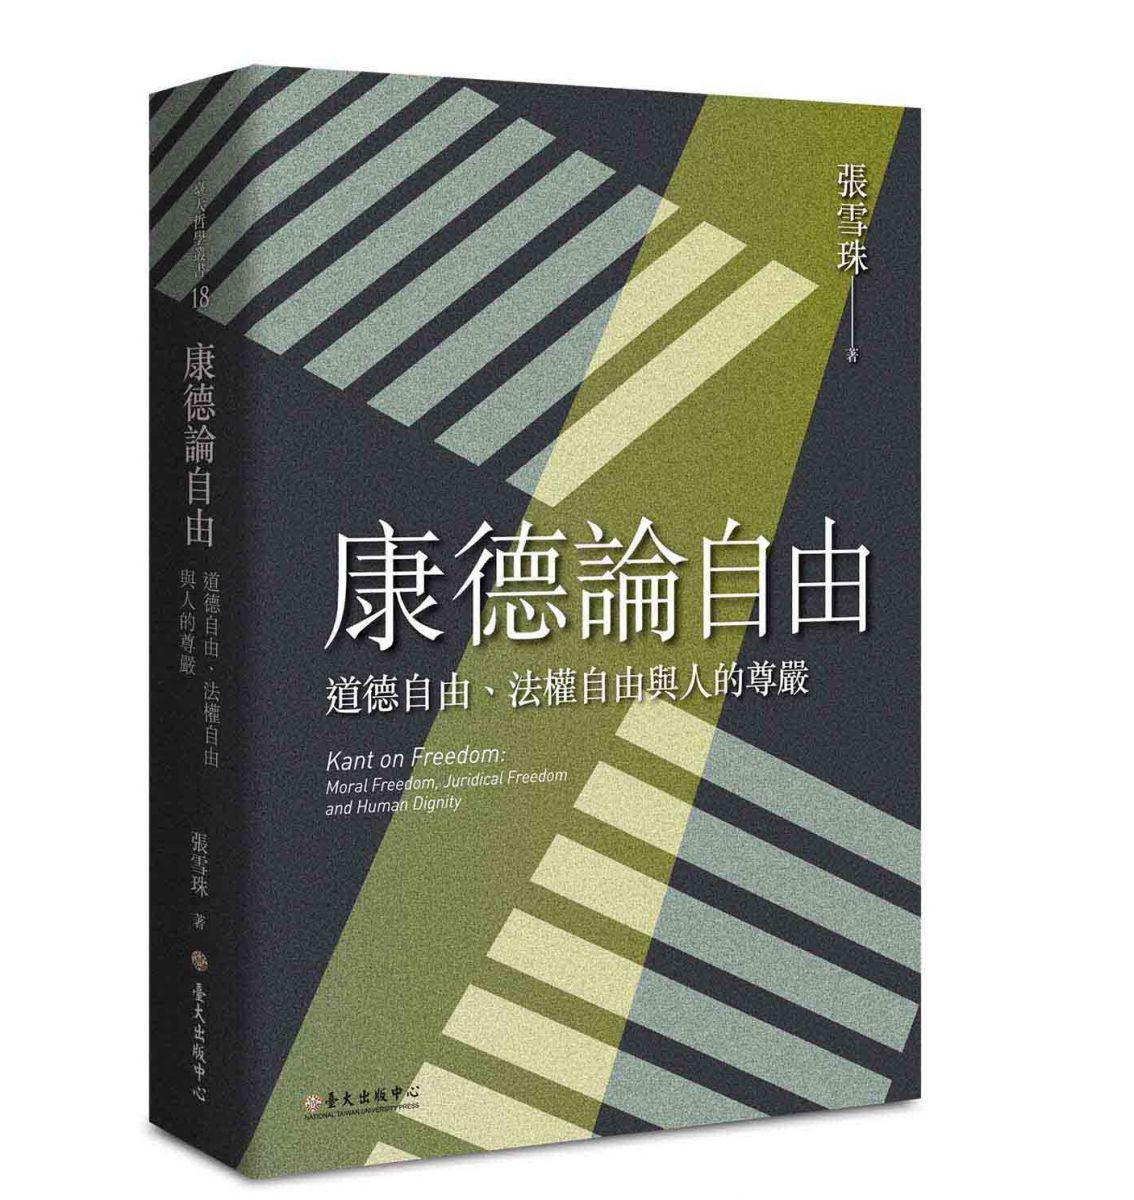 《康德論自由》探討自由概念在康德的建構中,如何奠定道德與法權法則,及如何連結道德哲學與法權哲學